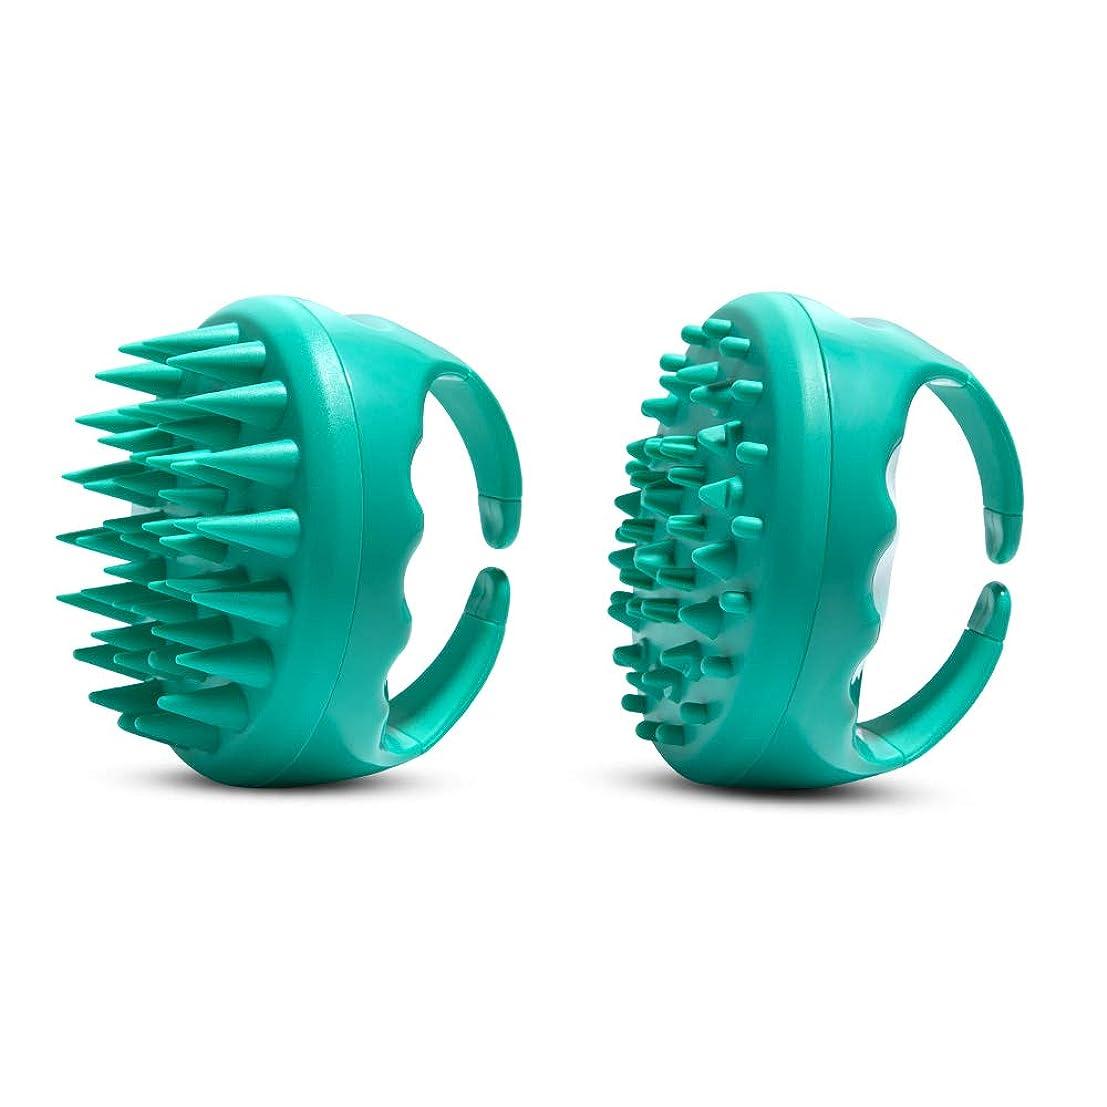 数字磁気分注するDiolan 頭皮洗浄ブラシ ボディブラシ 2個セット ヘッドスパ用 ボディスパ用?シリコン製 男女兼用 グリン